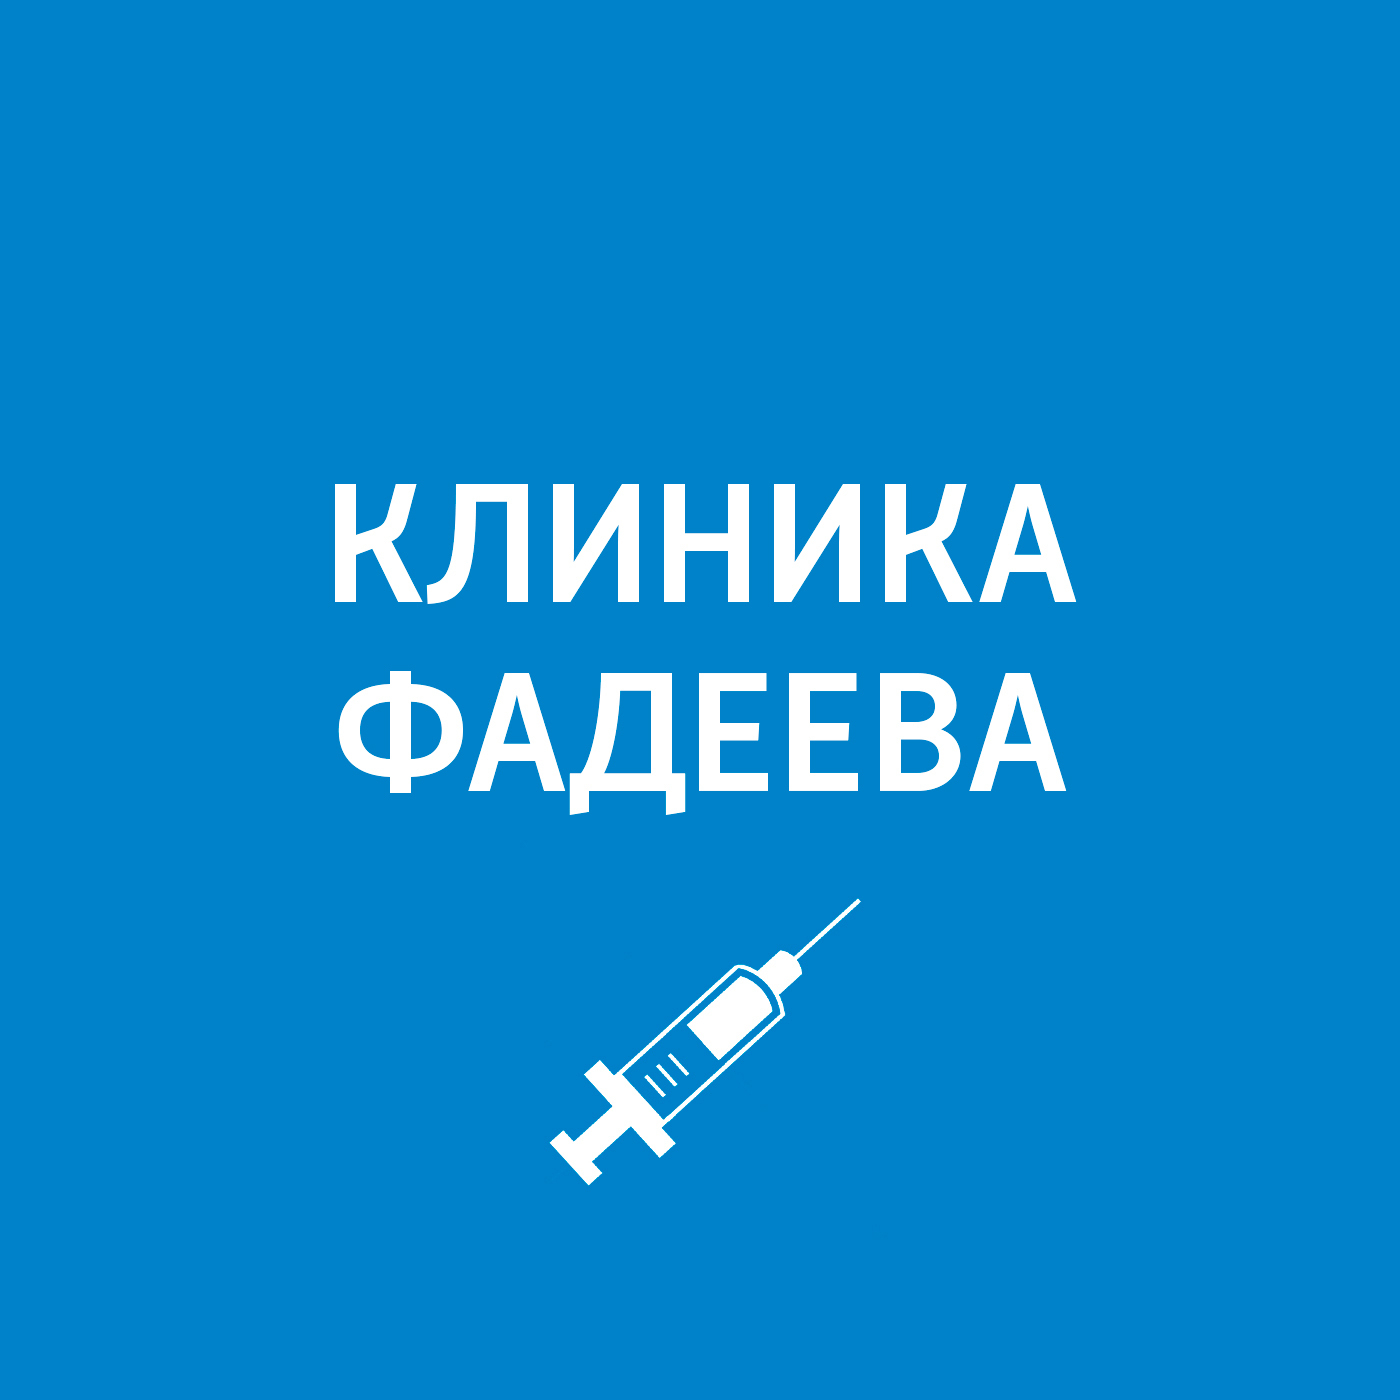 Пётр Фадеев Травмы на льду пётр фадеев ветеринар герпетолог